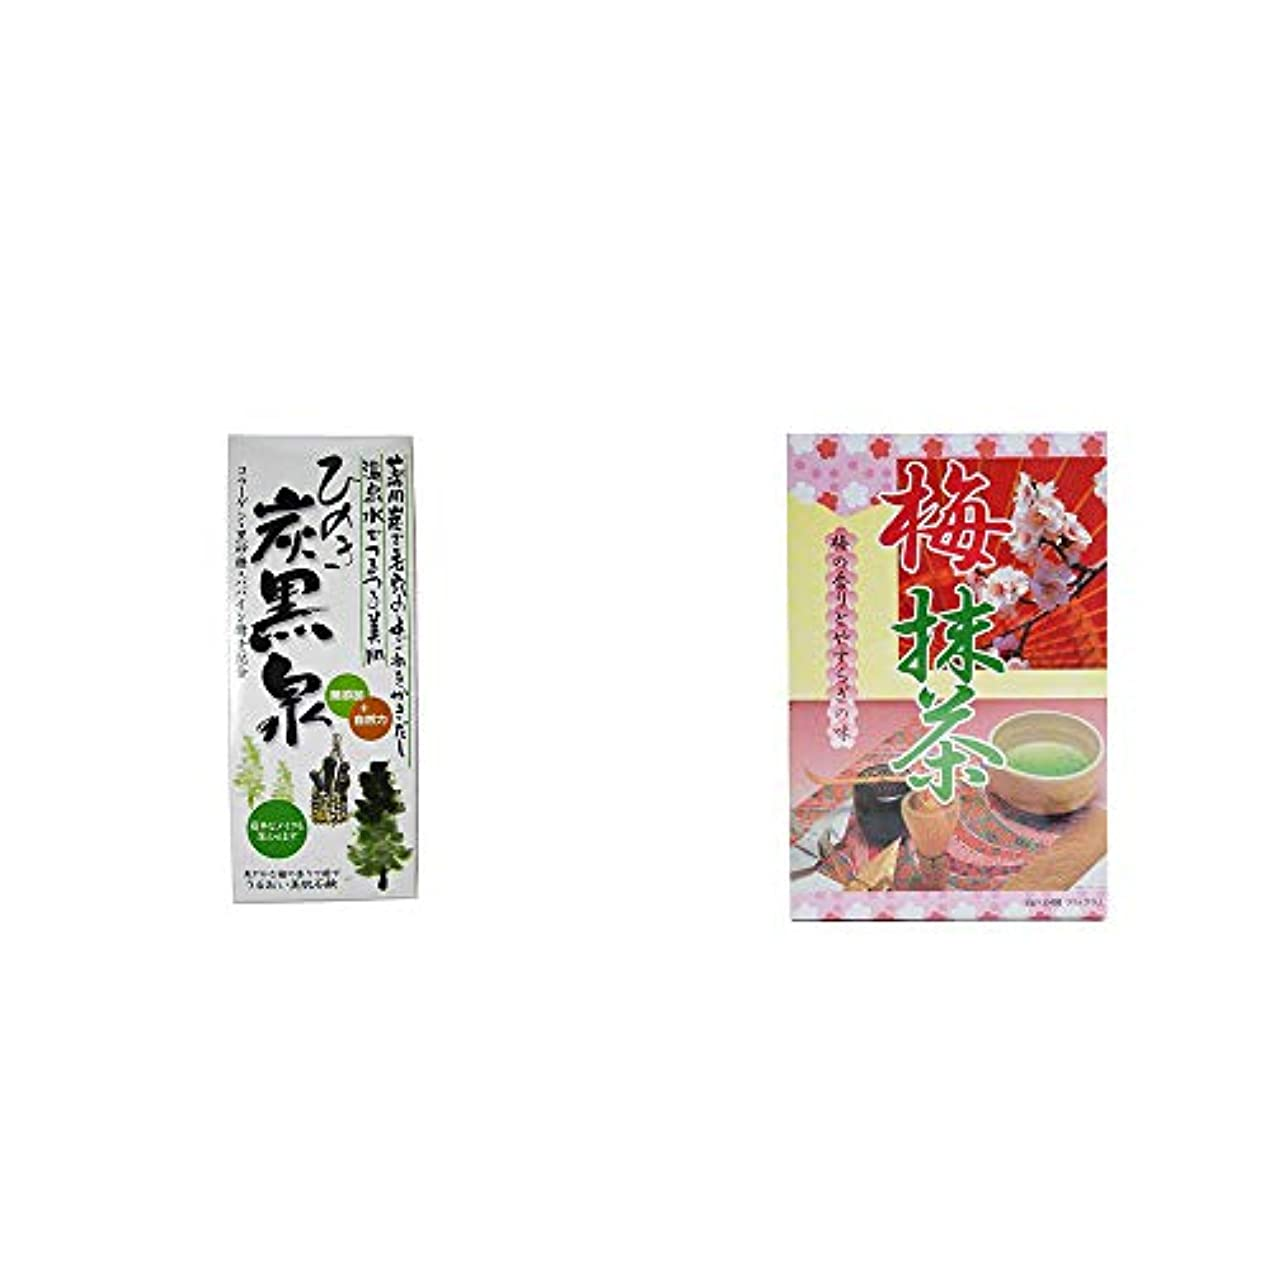 ストローク豆必要条件[2点セット] ひのき炭黒泉 箱入り(75g×3)?梅抹茶[大](24袋)